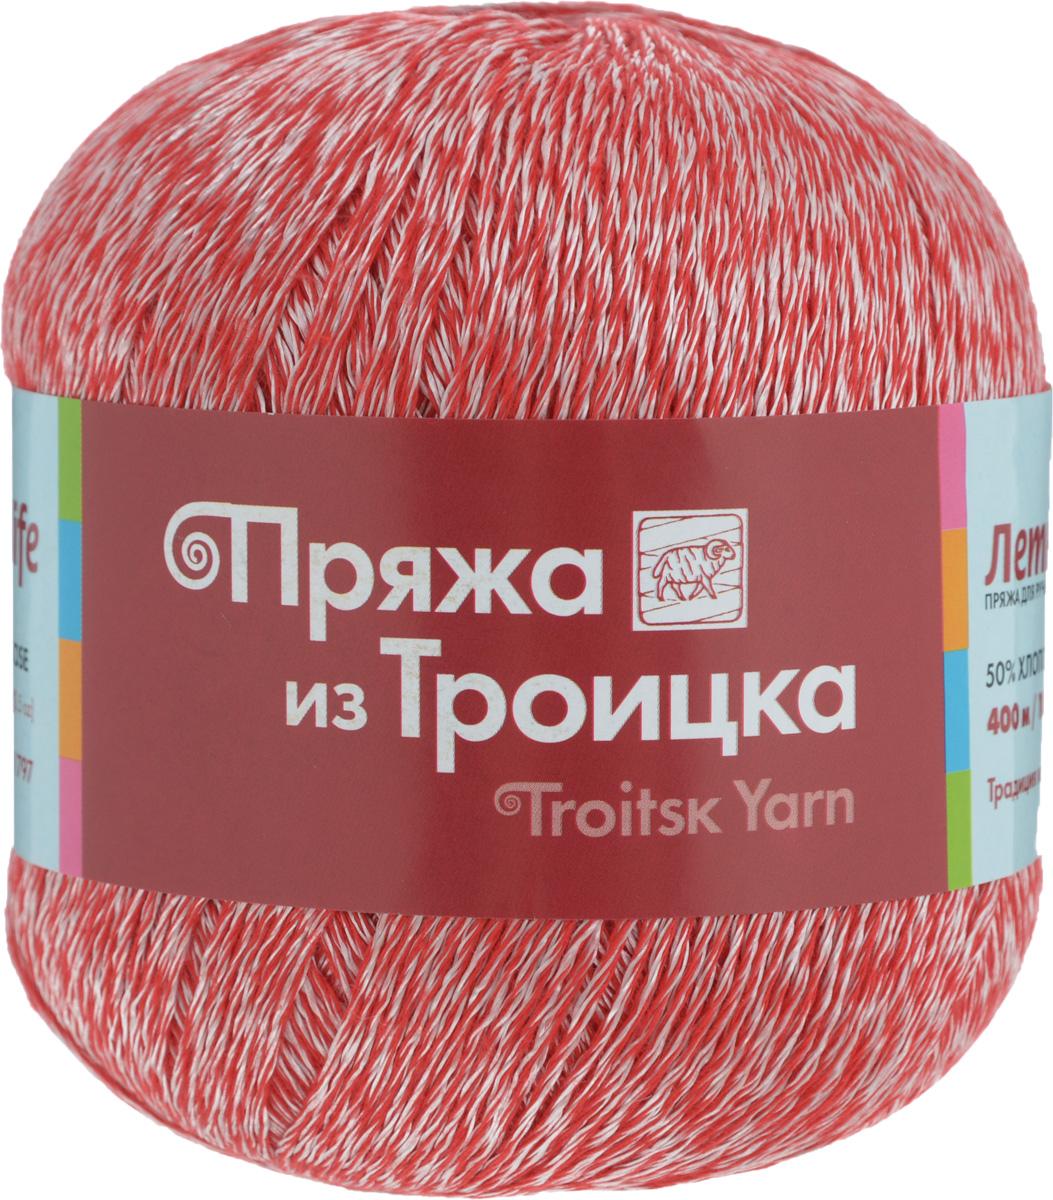 Пряжа для вязания Летняя, цвет: красный, белый (0851), 400 м, 100 г, 10 шт366099_0851Легкая, шелковистая, приятная телу пряжа Летняя выполнена из высококачественного хлопка и вискозы. Она идеально подходит для сетчатых изделий и узоров, связанных крючком. Мастерицы рекомендуют использовать для вязания спицы или крючок с закругленными наконечниками: если нить неосторожно зацепить, то она тотчас пушится. Пряжа Летняя позволяет создавать вещи, которые можно надеть даже в жаркий день: такая одежда выглядит стильно и при этом позволяет чувствовать себя комфортно. Поскольку в состав пряжи входит хлопок, то после стирки изделие не теряет форму, но в горячей воде может немного сесть. Состав: 50% хлопок, 50% вискоза.